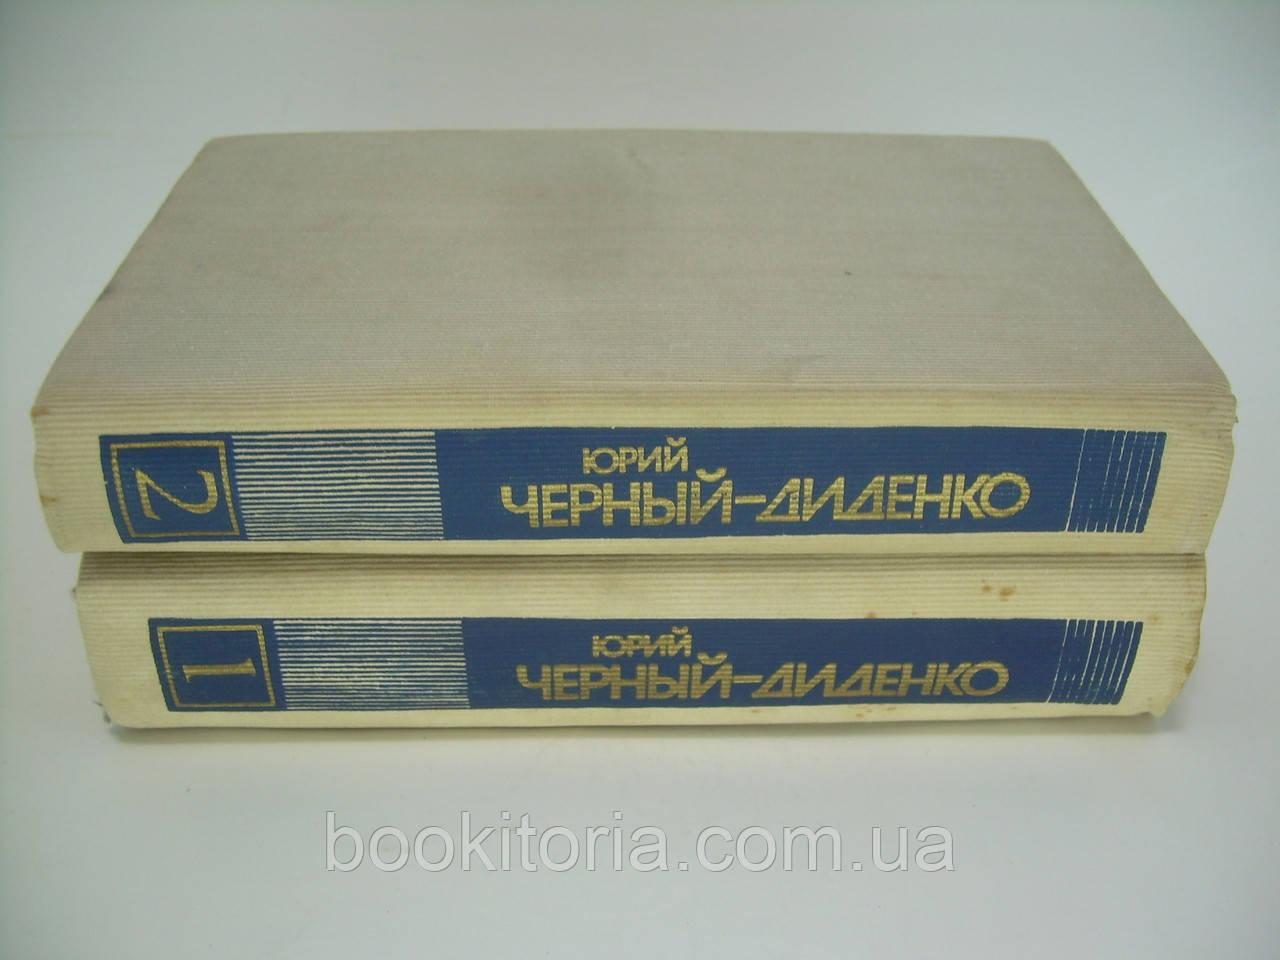 Черный-Диденко Ю. Произведения в двух томах (б/у).